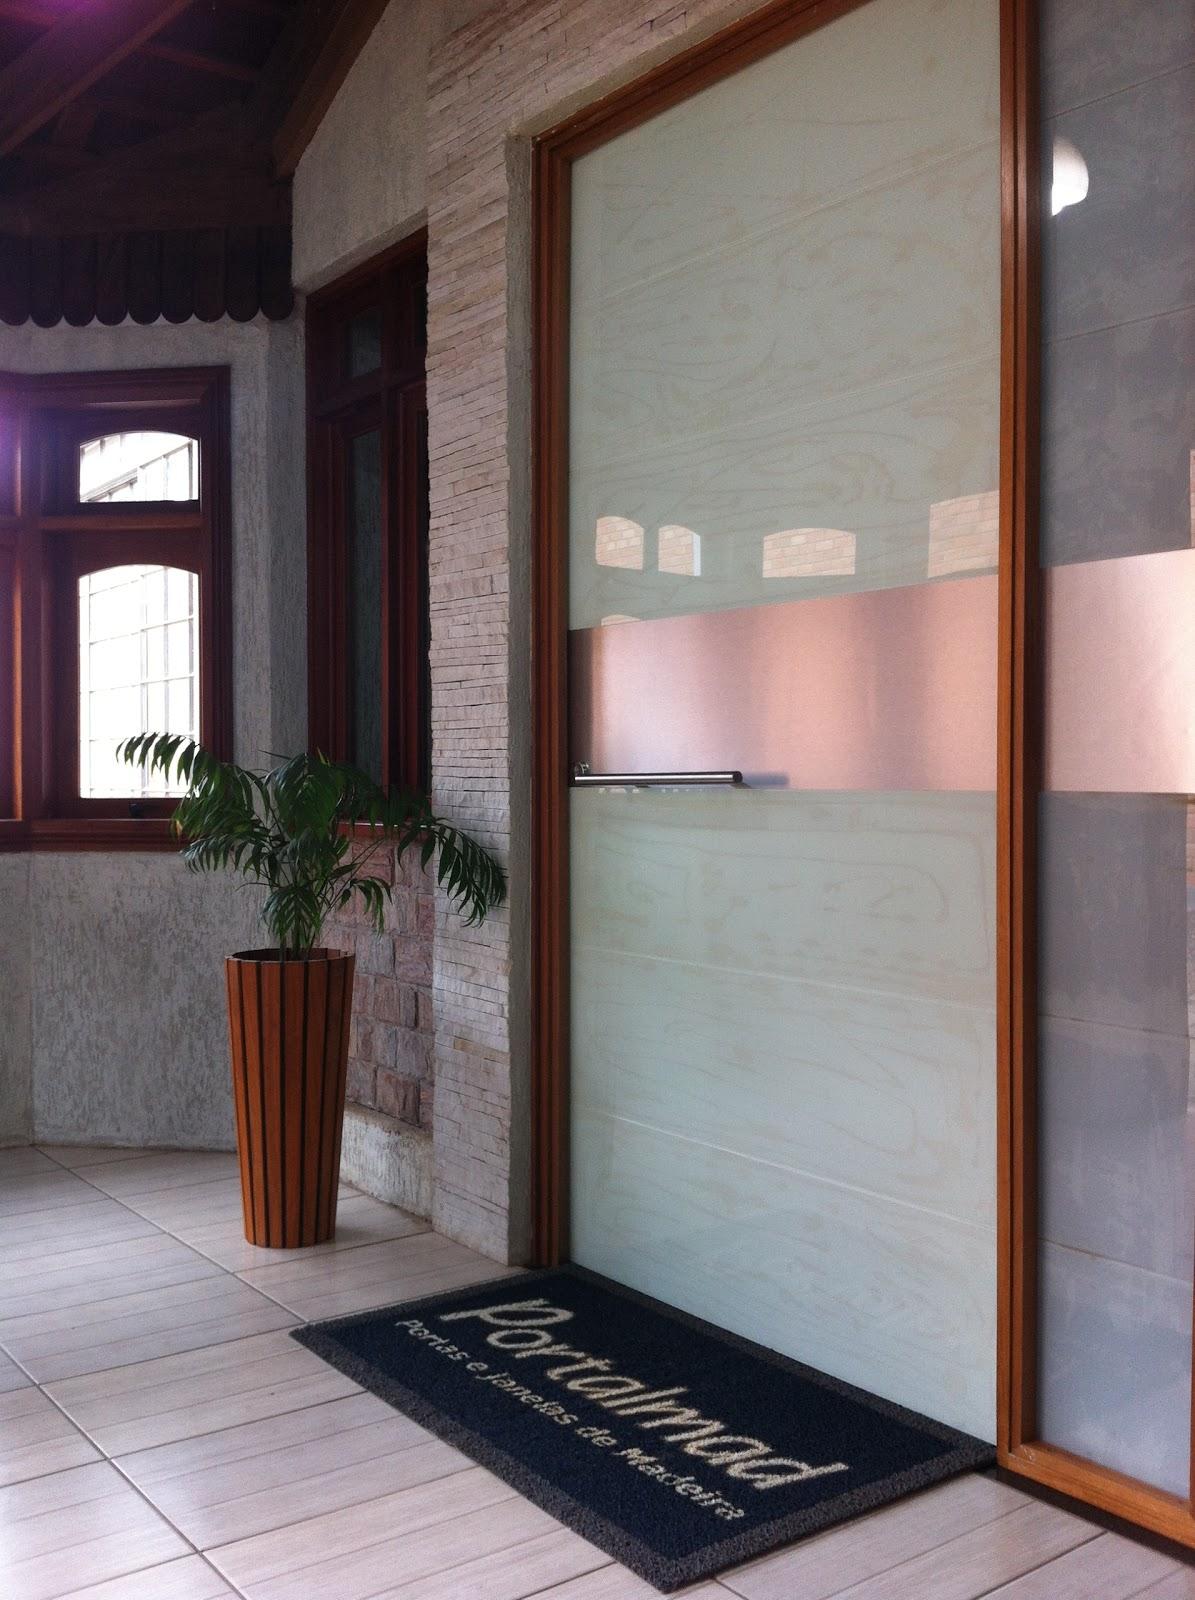 #895042  em esquadrias de madeira: Porta Pivotante Vidro Madeira e Alumínio 74 Janelas De Vidro E Madeira